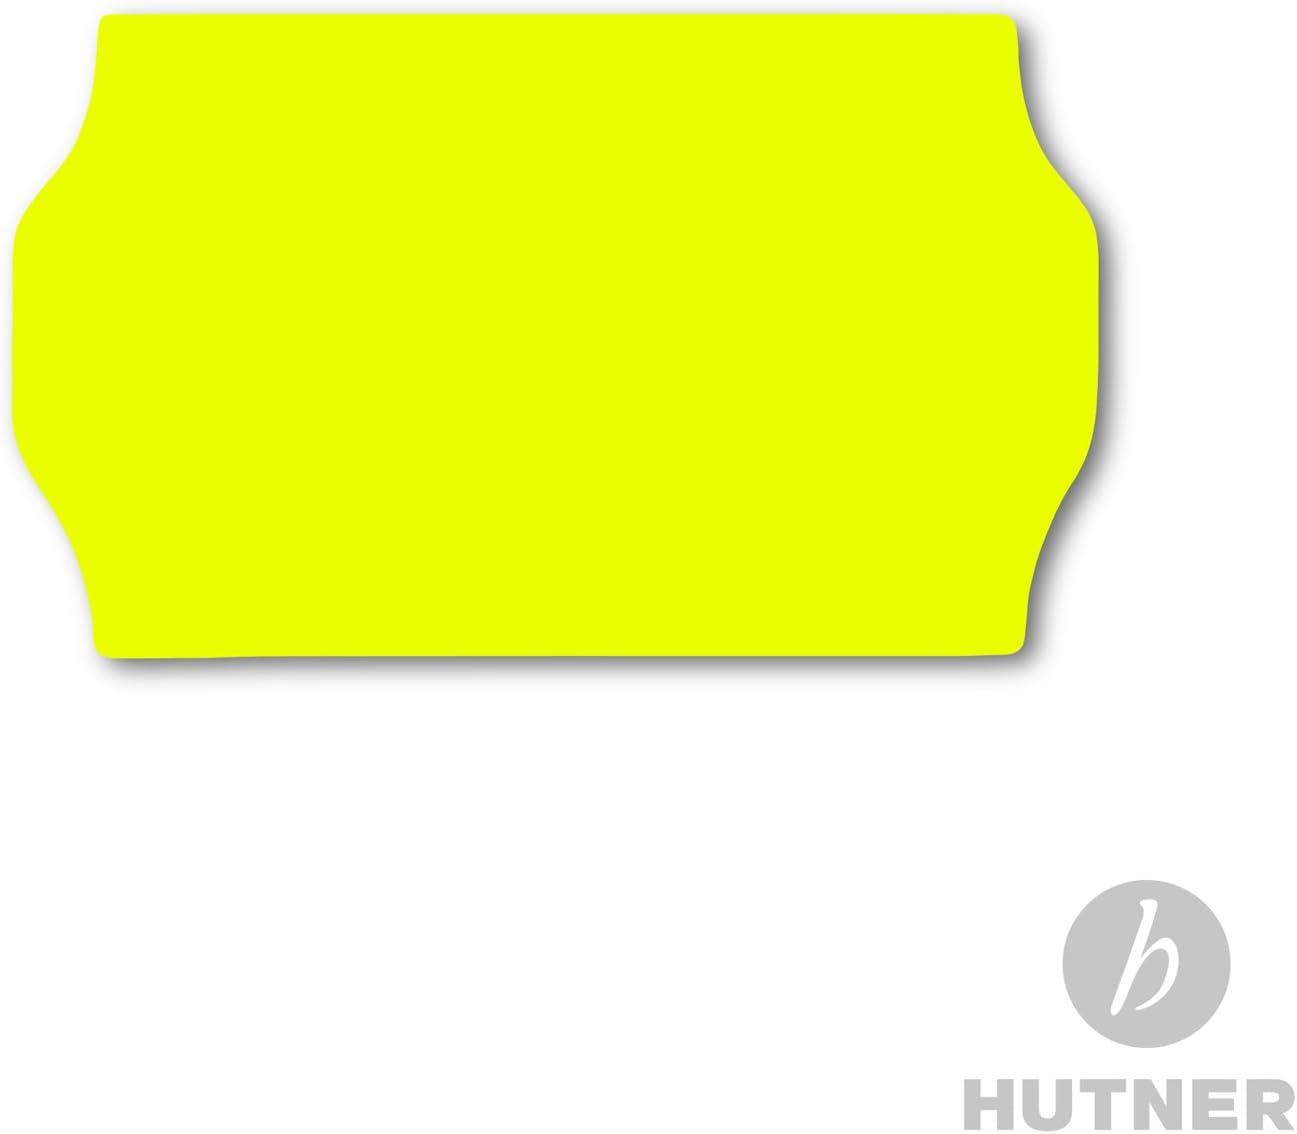 Preisauszeichner Etiketten 22 x 16 permanent Label HUTNER 10 Rollen a 1.000 St/ück leucht-gelb 10.000 Preisetiketten 22x16